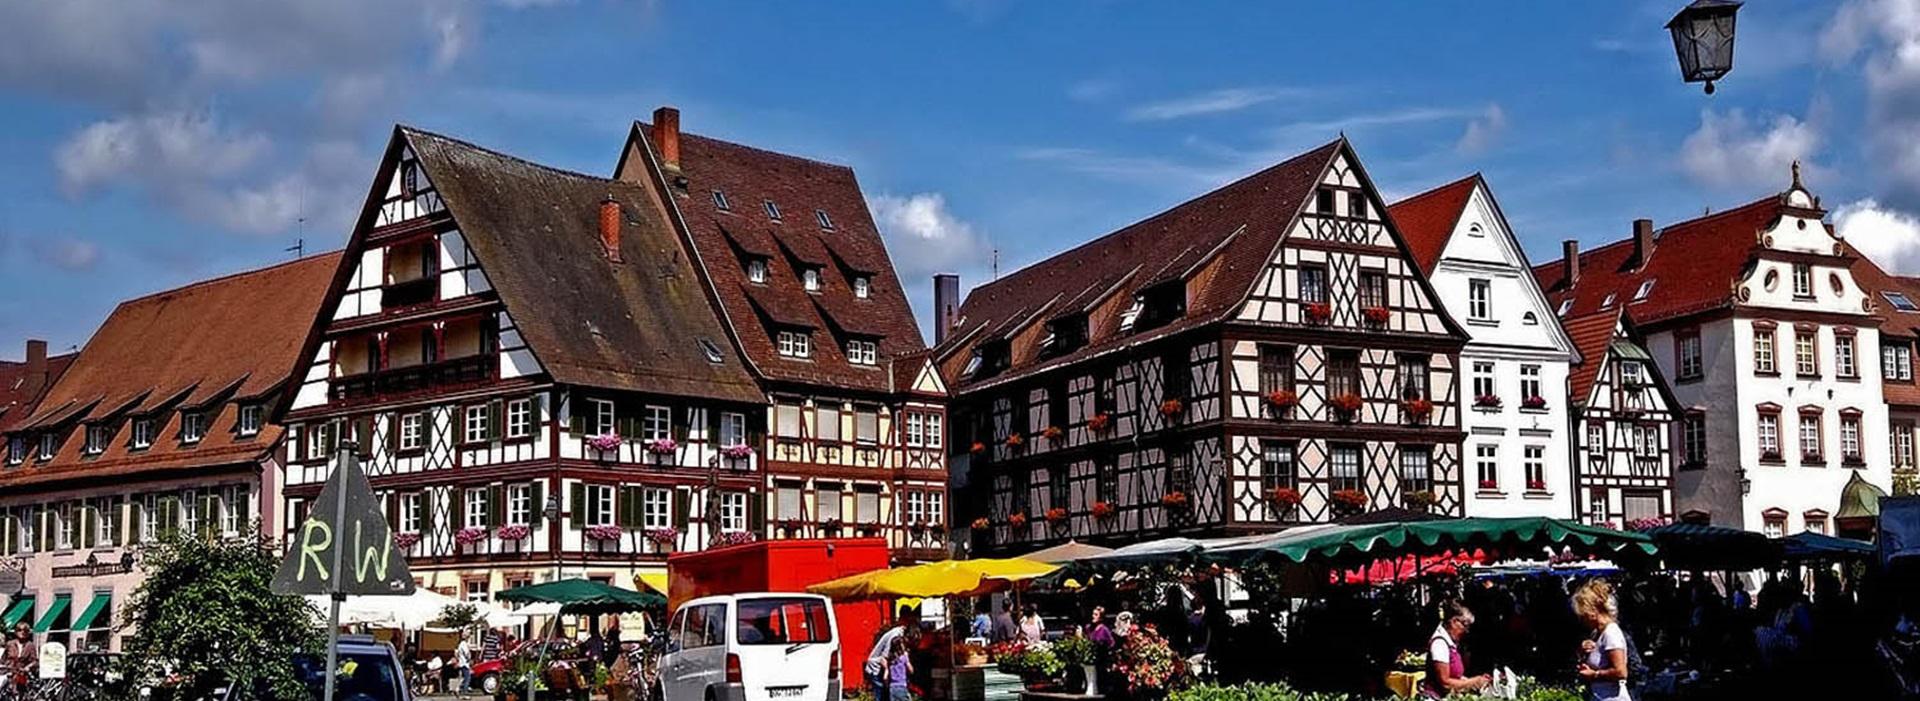 Gengenbach Ferienwohnung Stinneshof